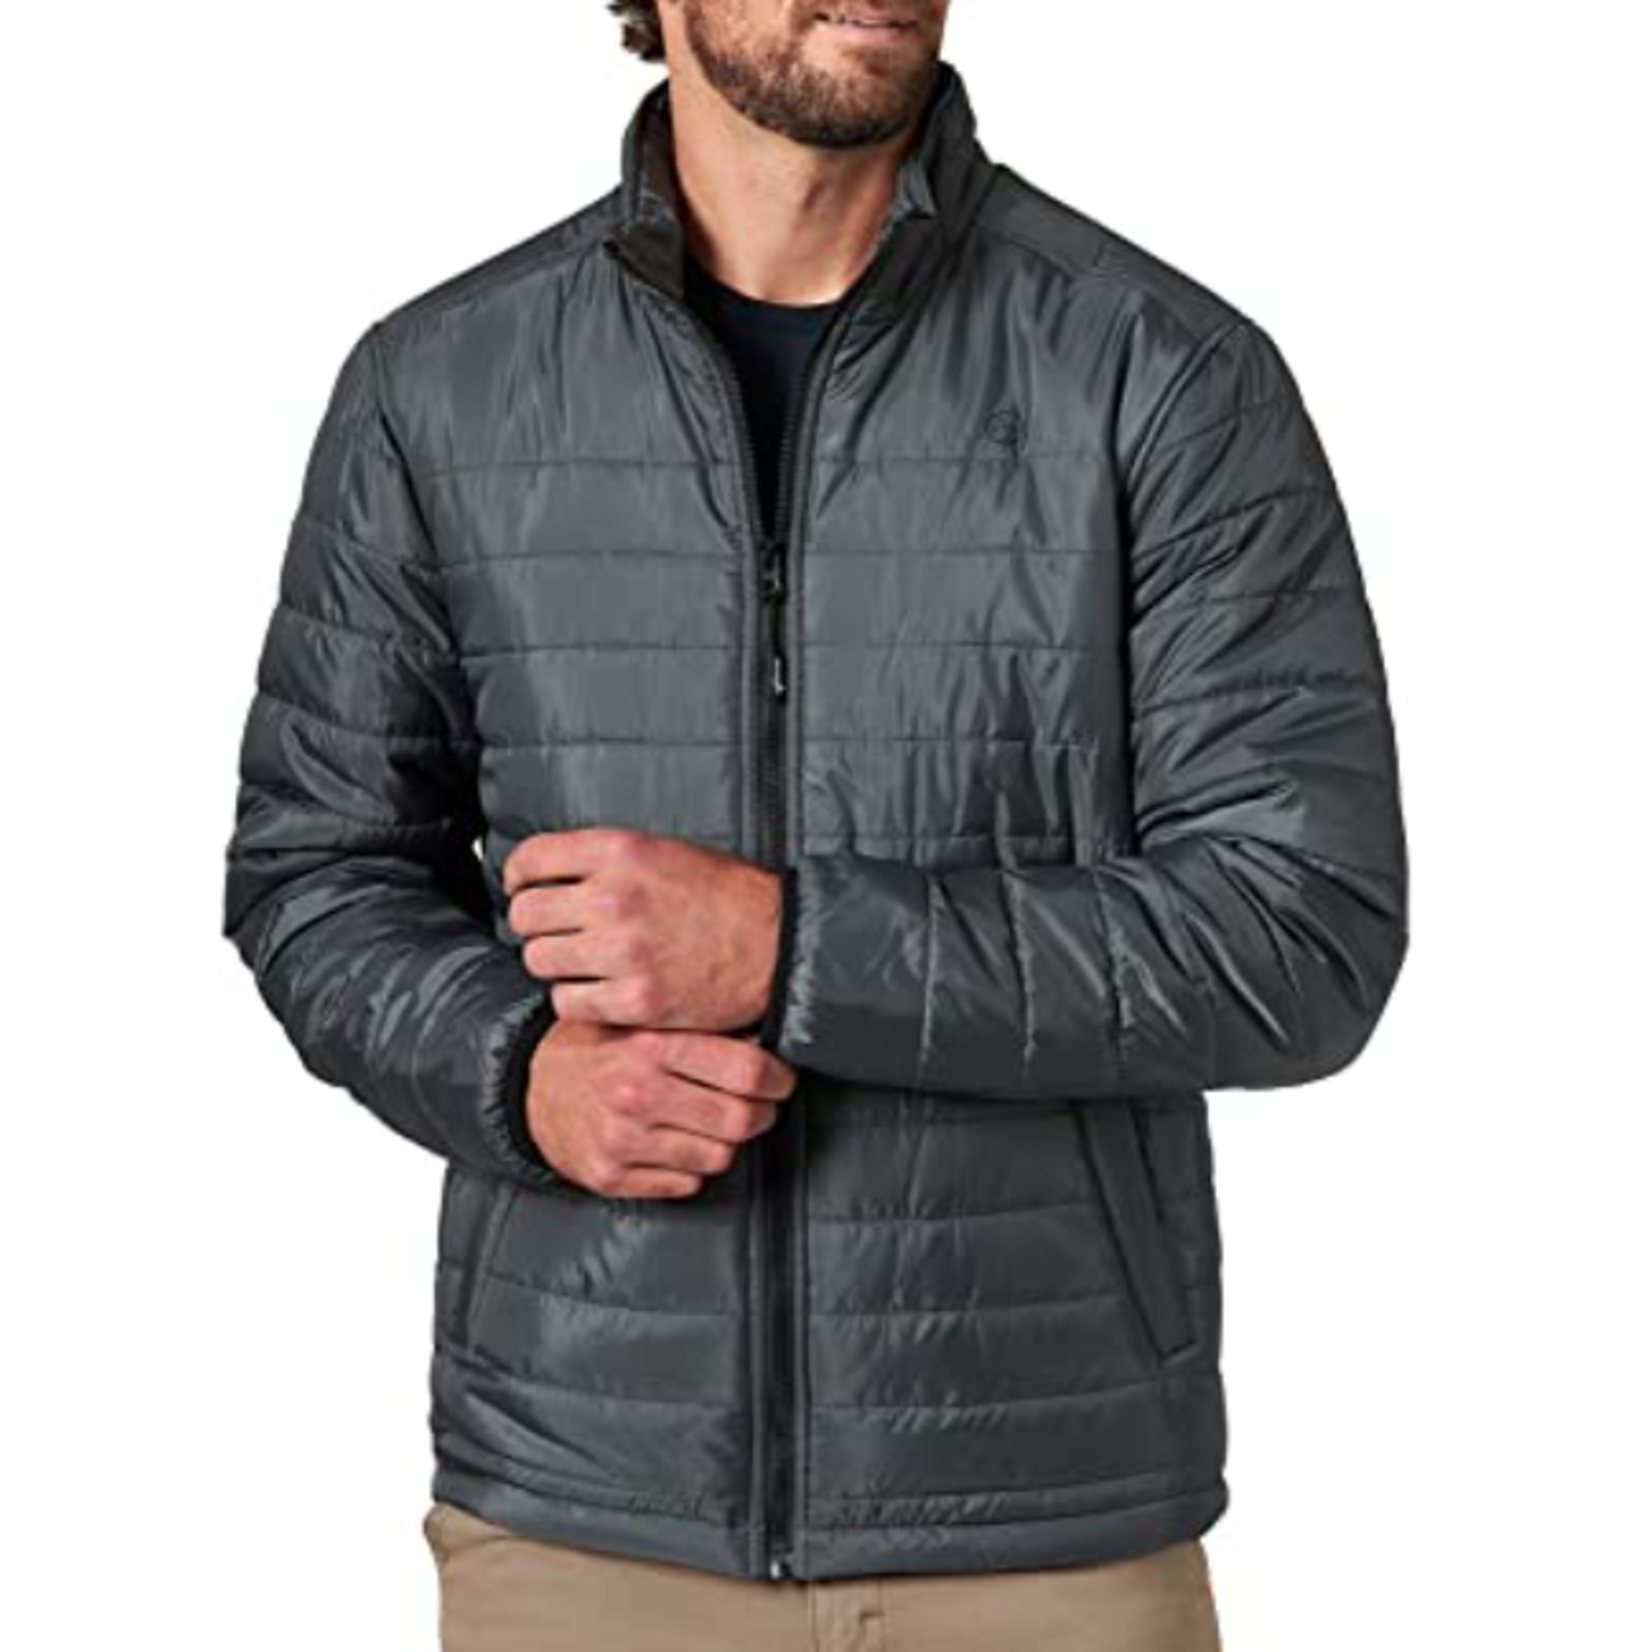 Wrangler Wrangler ATG Men's Range Jacket - NSJ21BK